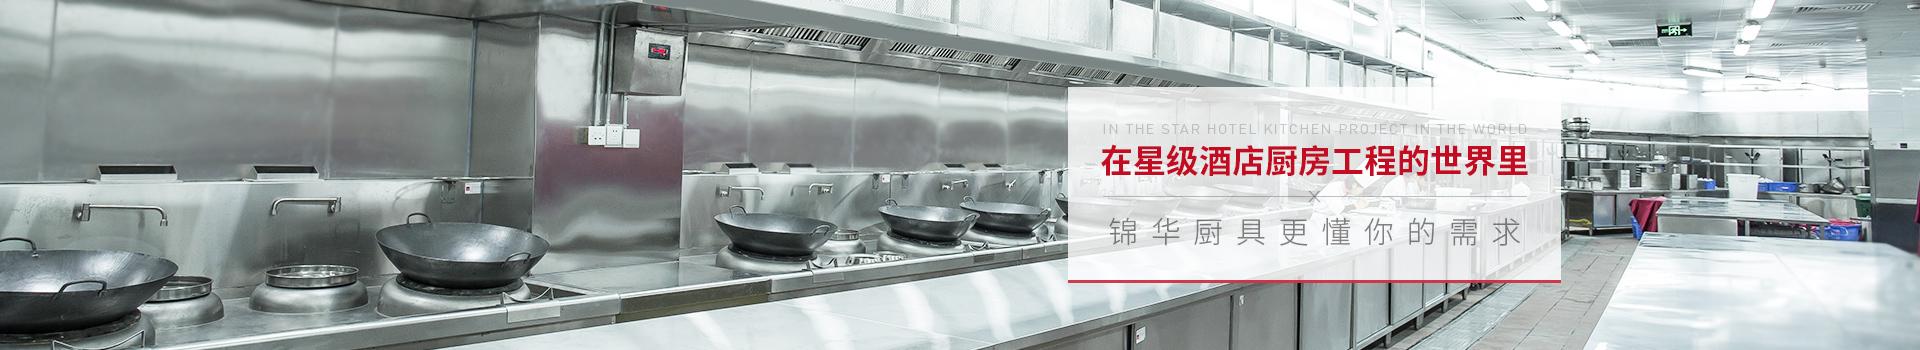 锦华厨具-在星级酒店厨房工程的世界里,我们更懂你